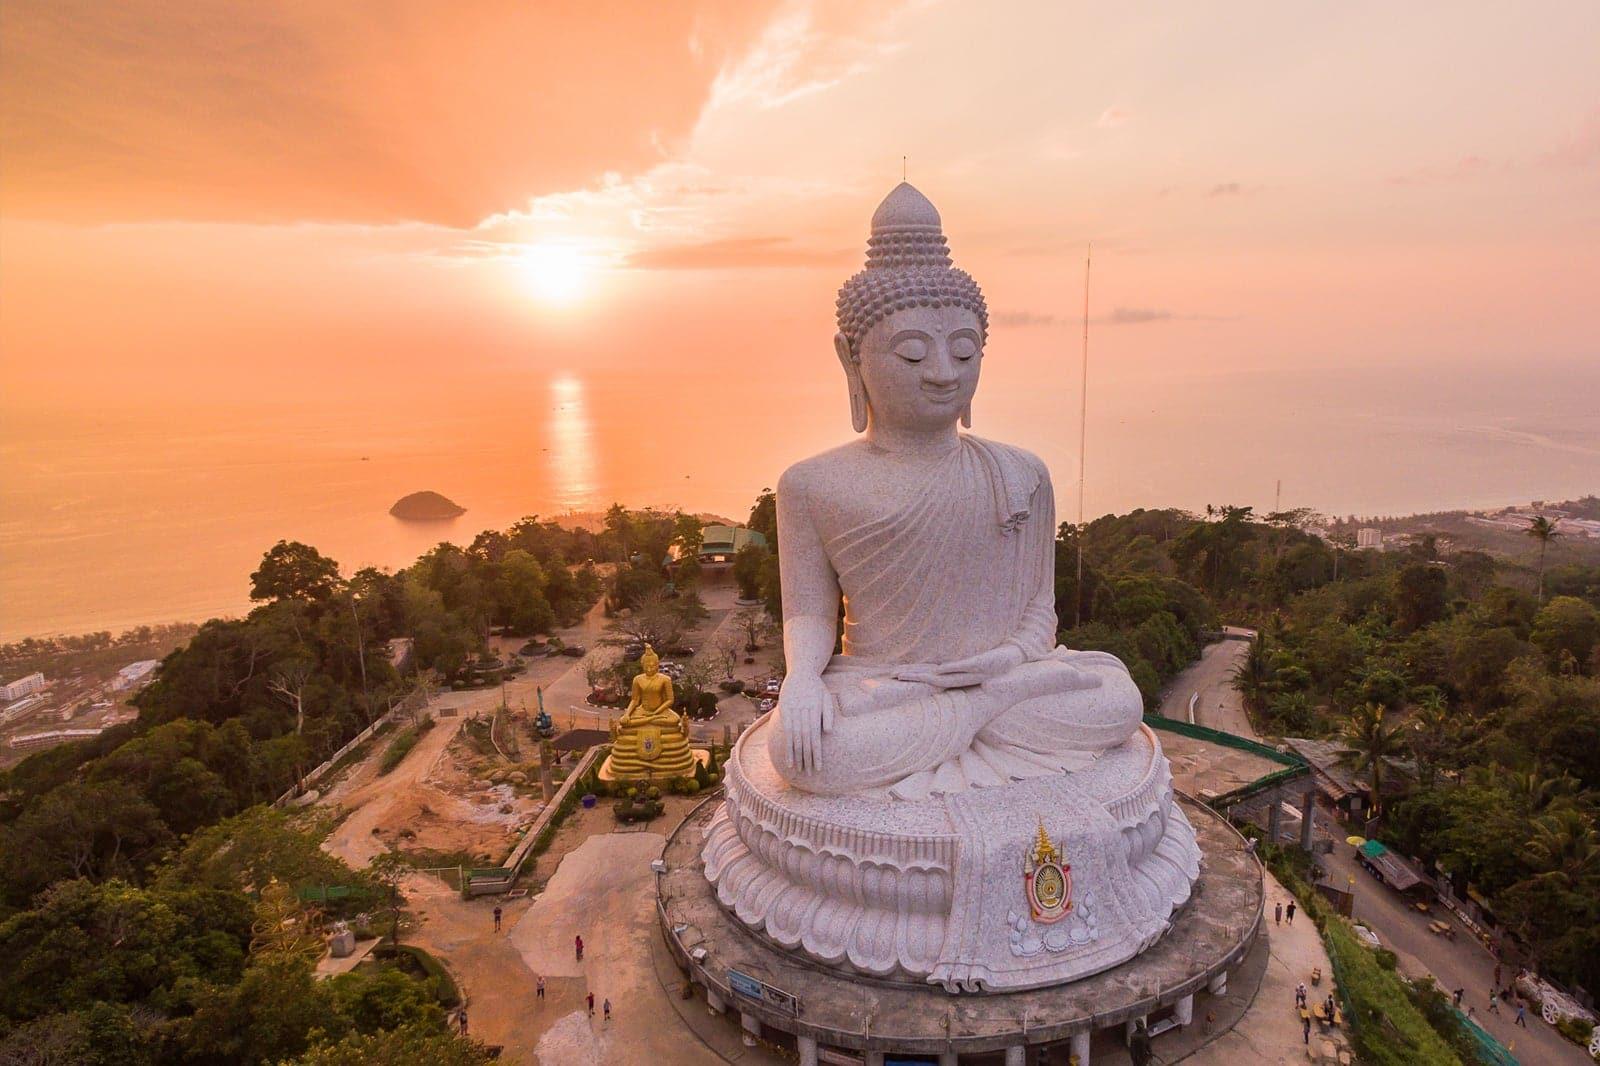 Big Buddha, Ayurveda, Wellness, Yoga Retreats, Phuket Thailand, Mangosteen Ayurveda & Wellness Resort, Number 1 Ayurveda Resort in Thailand, Rawai, Phuket.